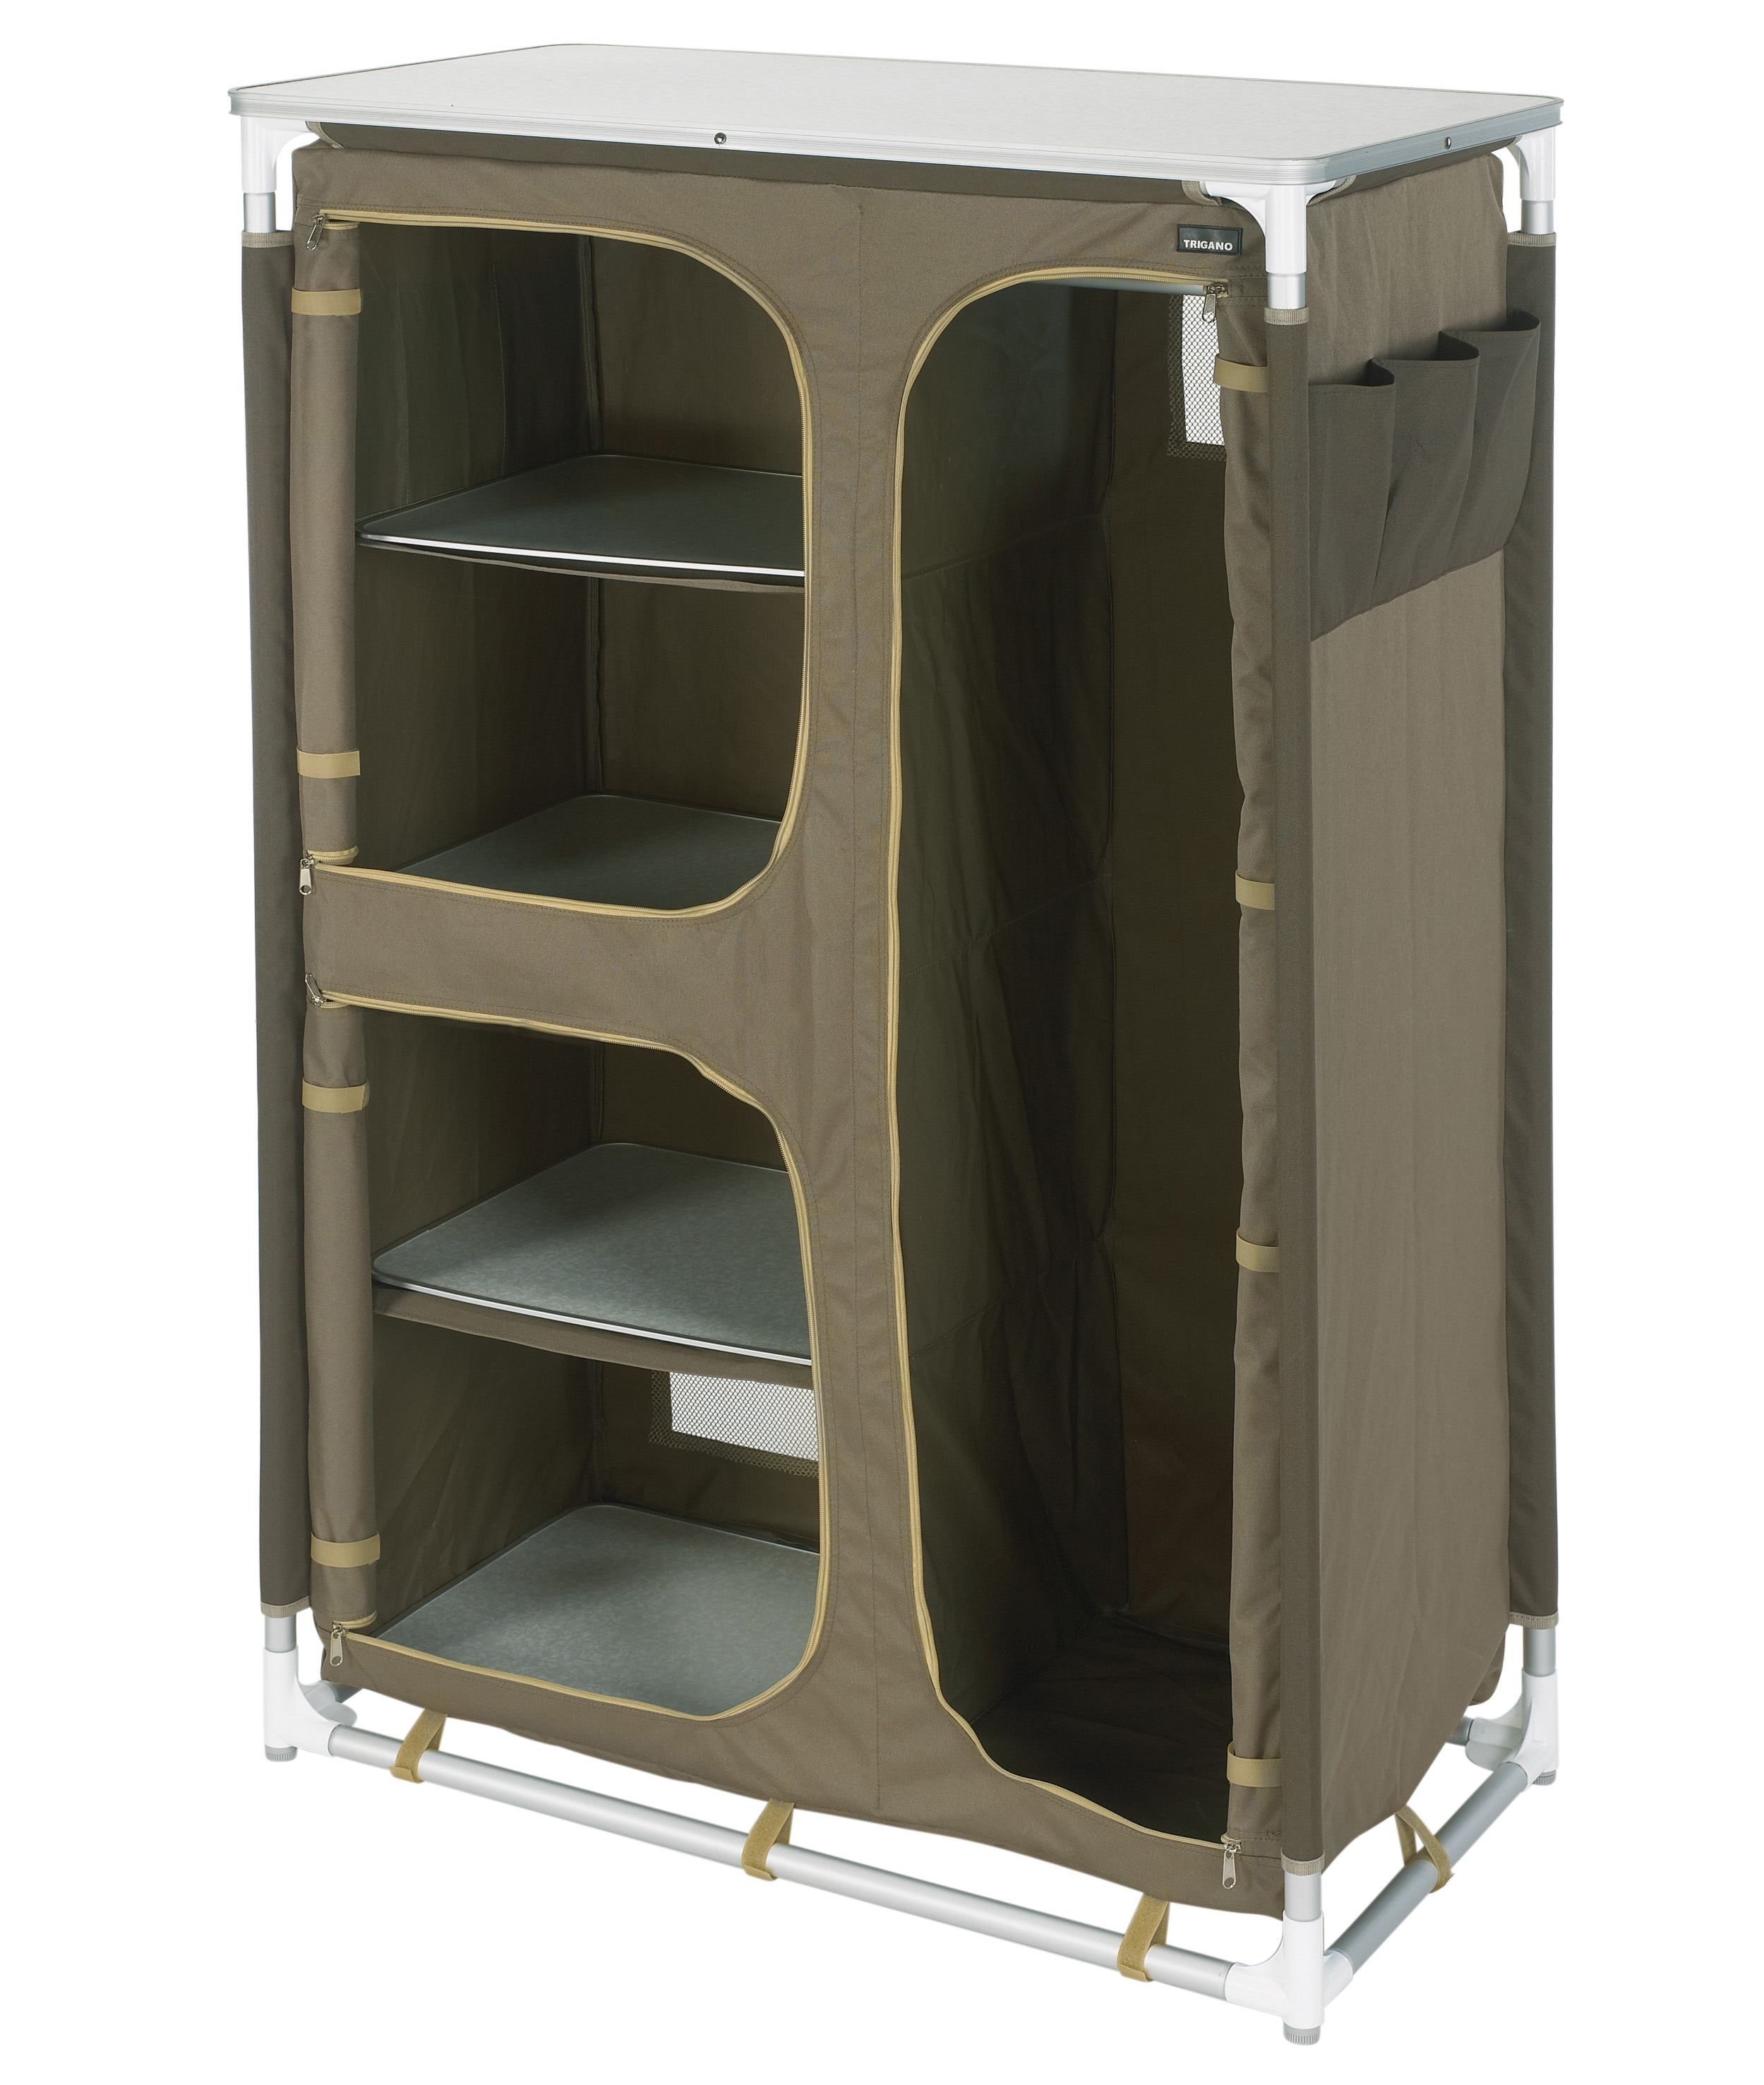 meuble de rangement avec penderie m m047j17 boutique supermarket caravanes vente de mobilier. Black Bedroom Furniture Sets. Home Design Ideas